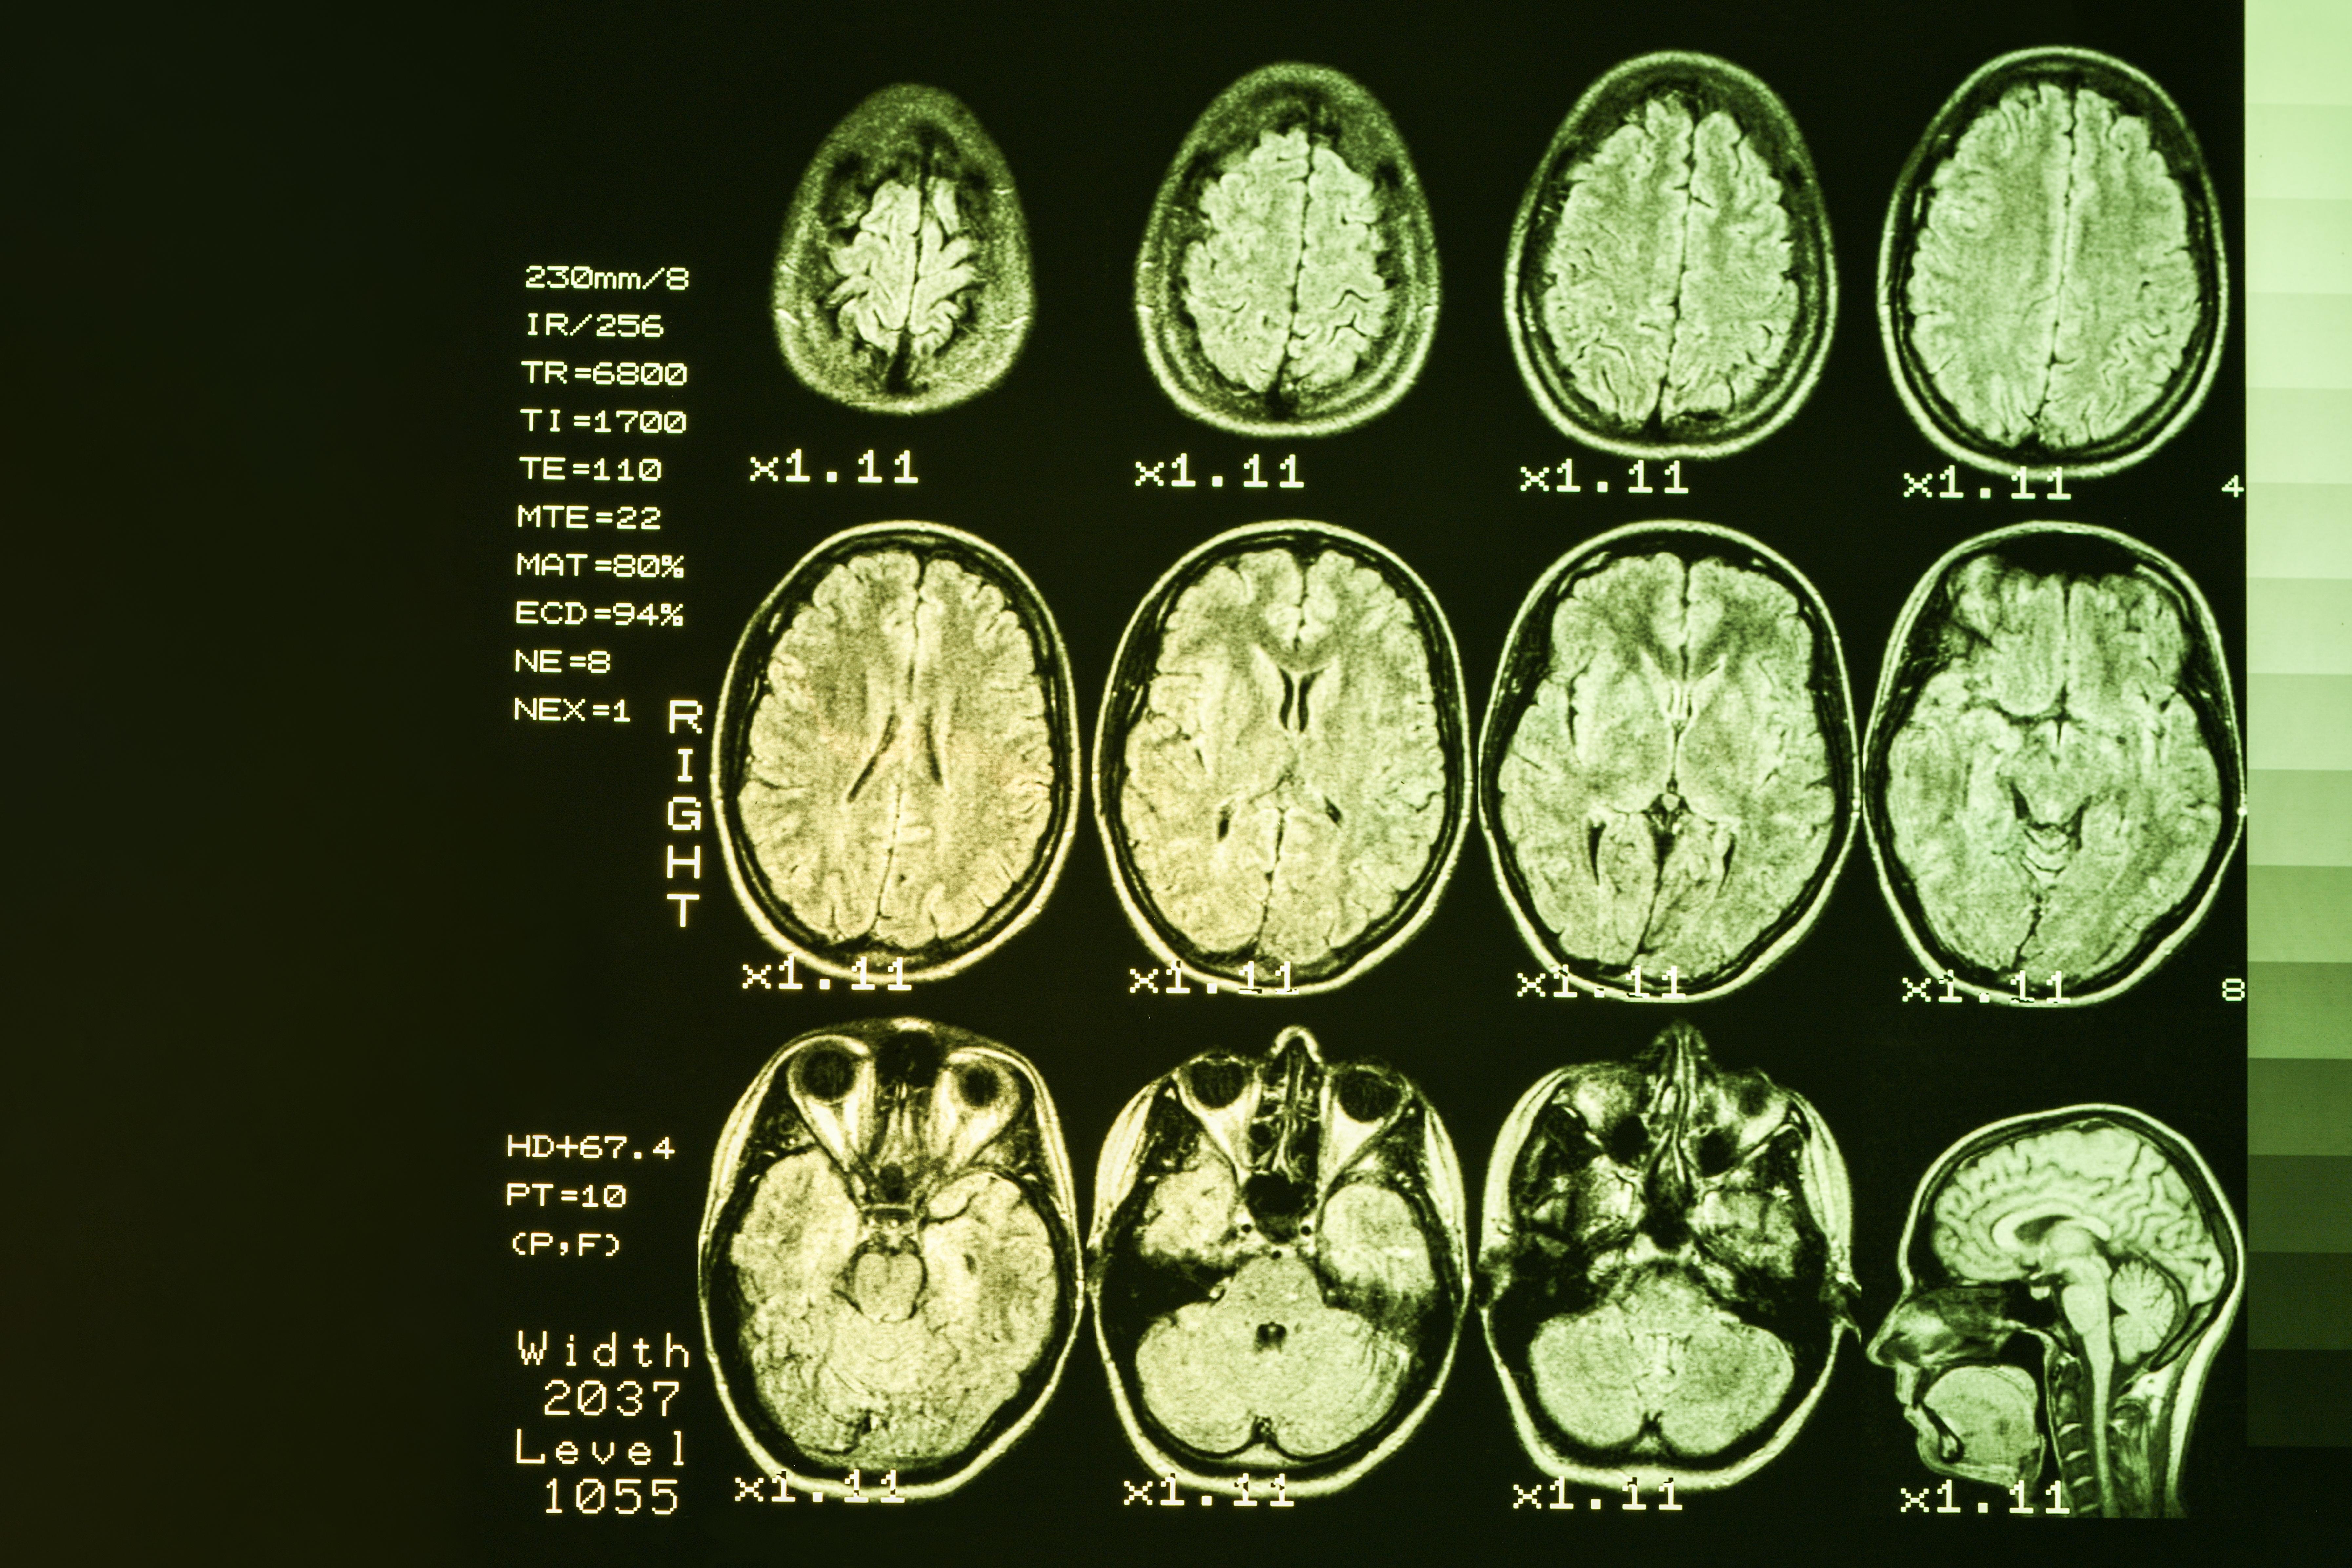 La perturbation de l'autophagie, un mécanisme de dégradation et d'élimination du matériel cellulaire obsolète, pourrait être à l'origine de changements cognitifs précoces dans la maladie de Huntington (Visuel Adobe Stock 266839758)